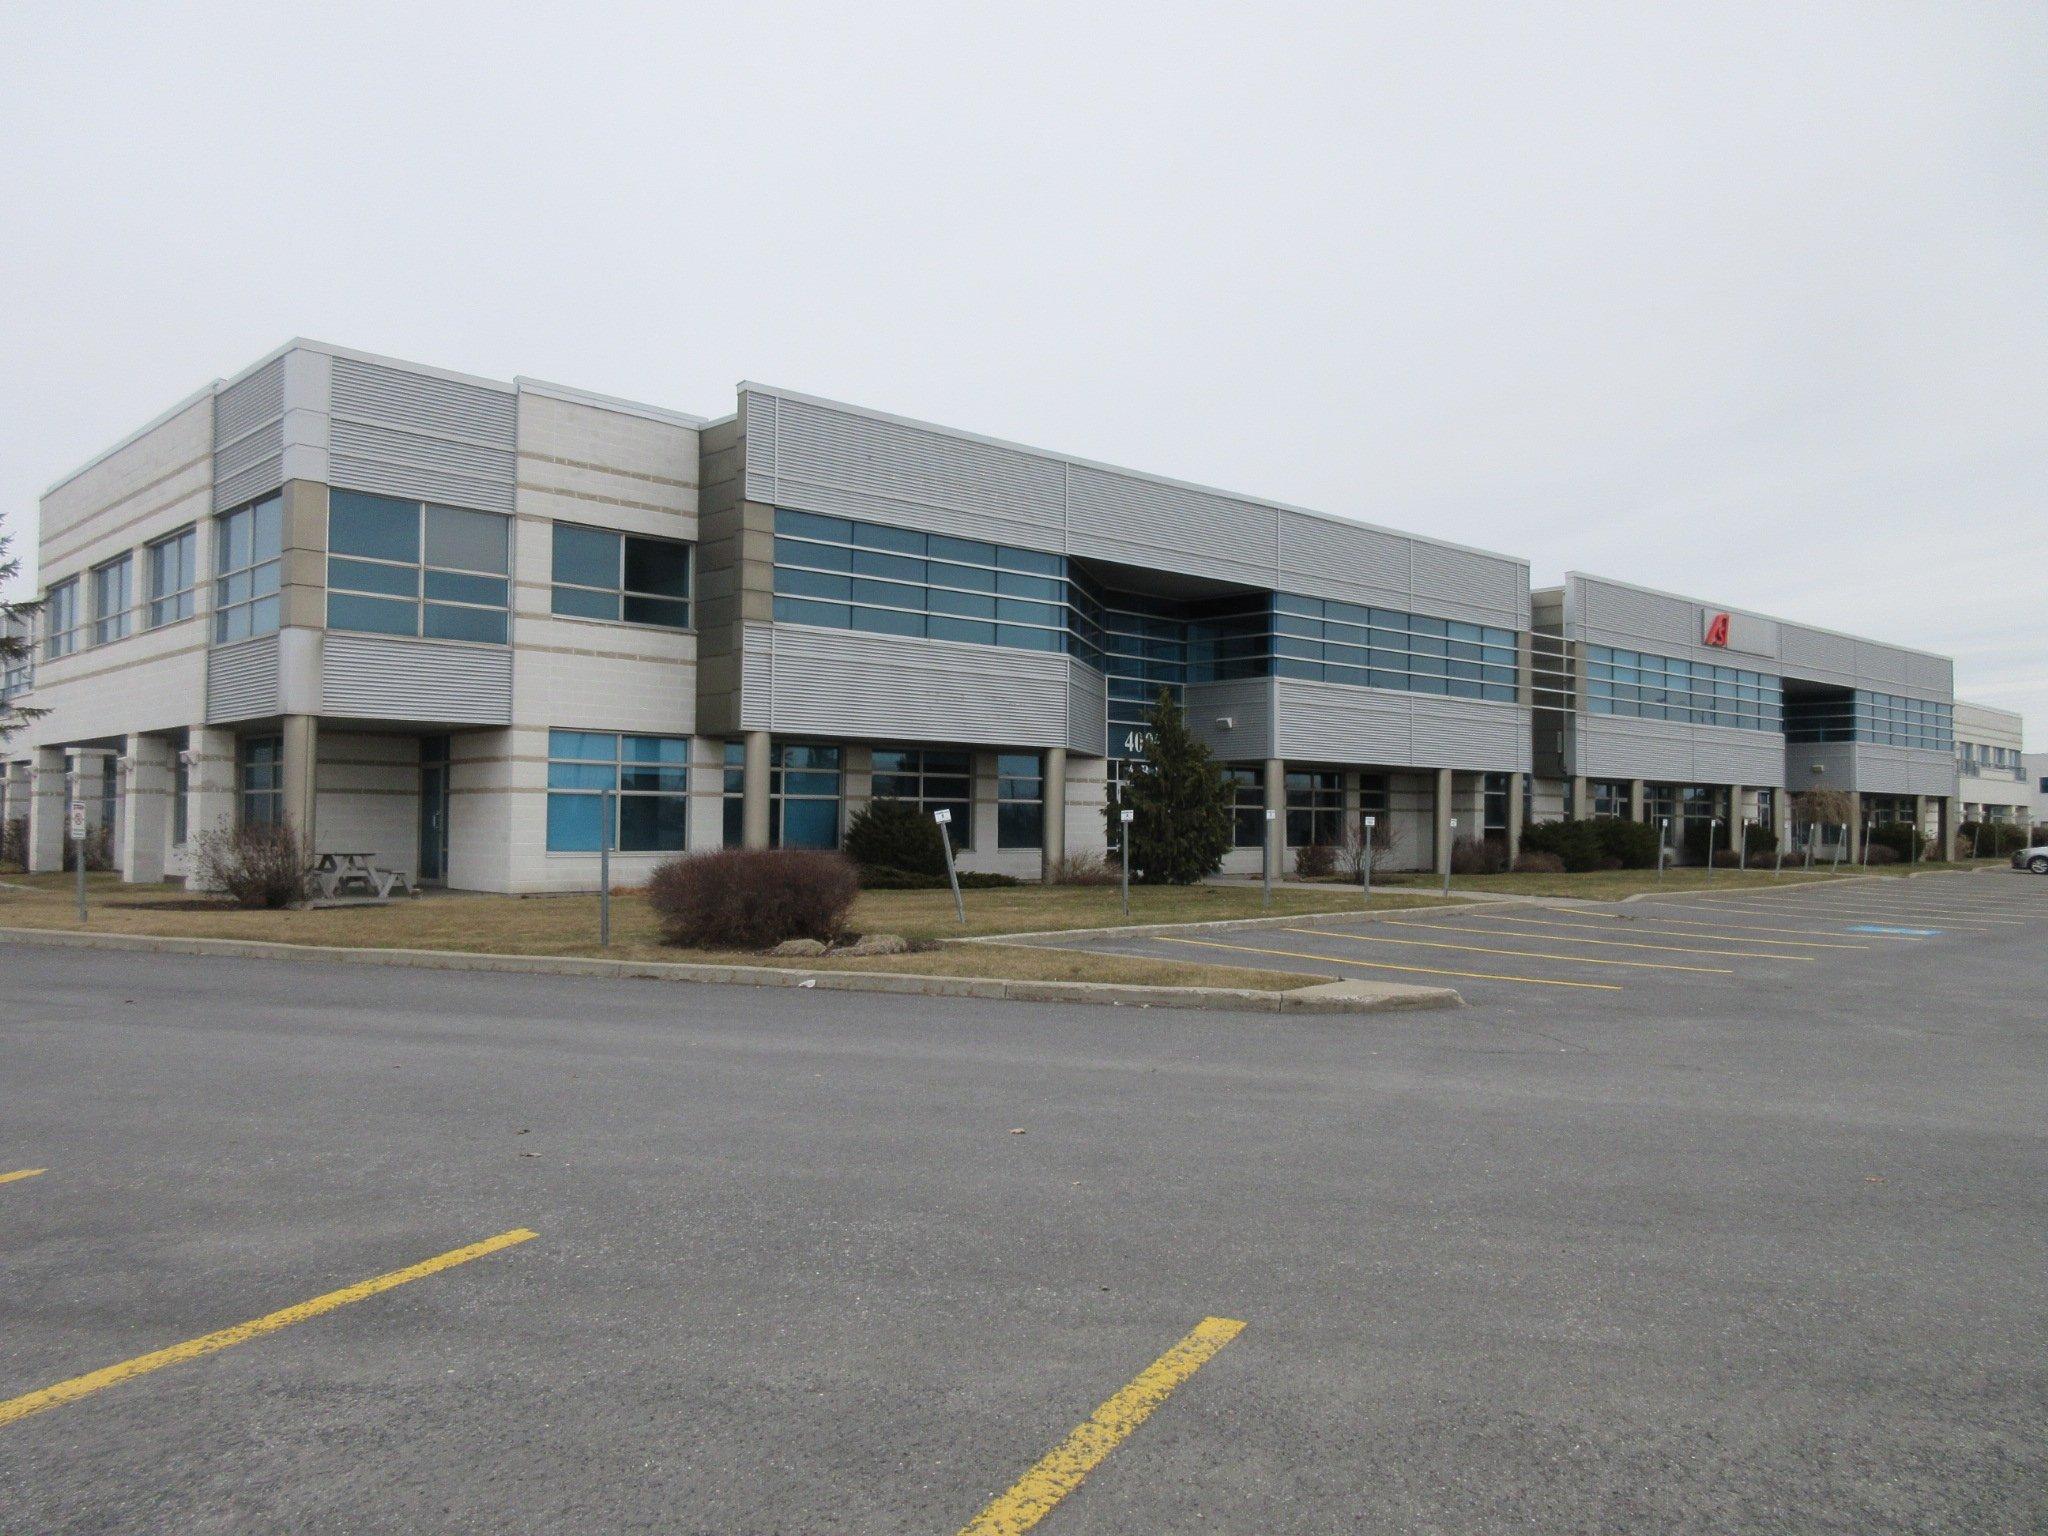 4105 Matte Boulevard, Brossard, Québec